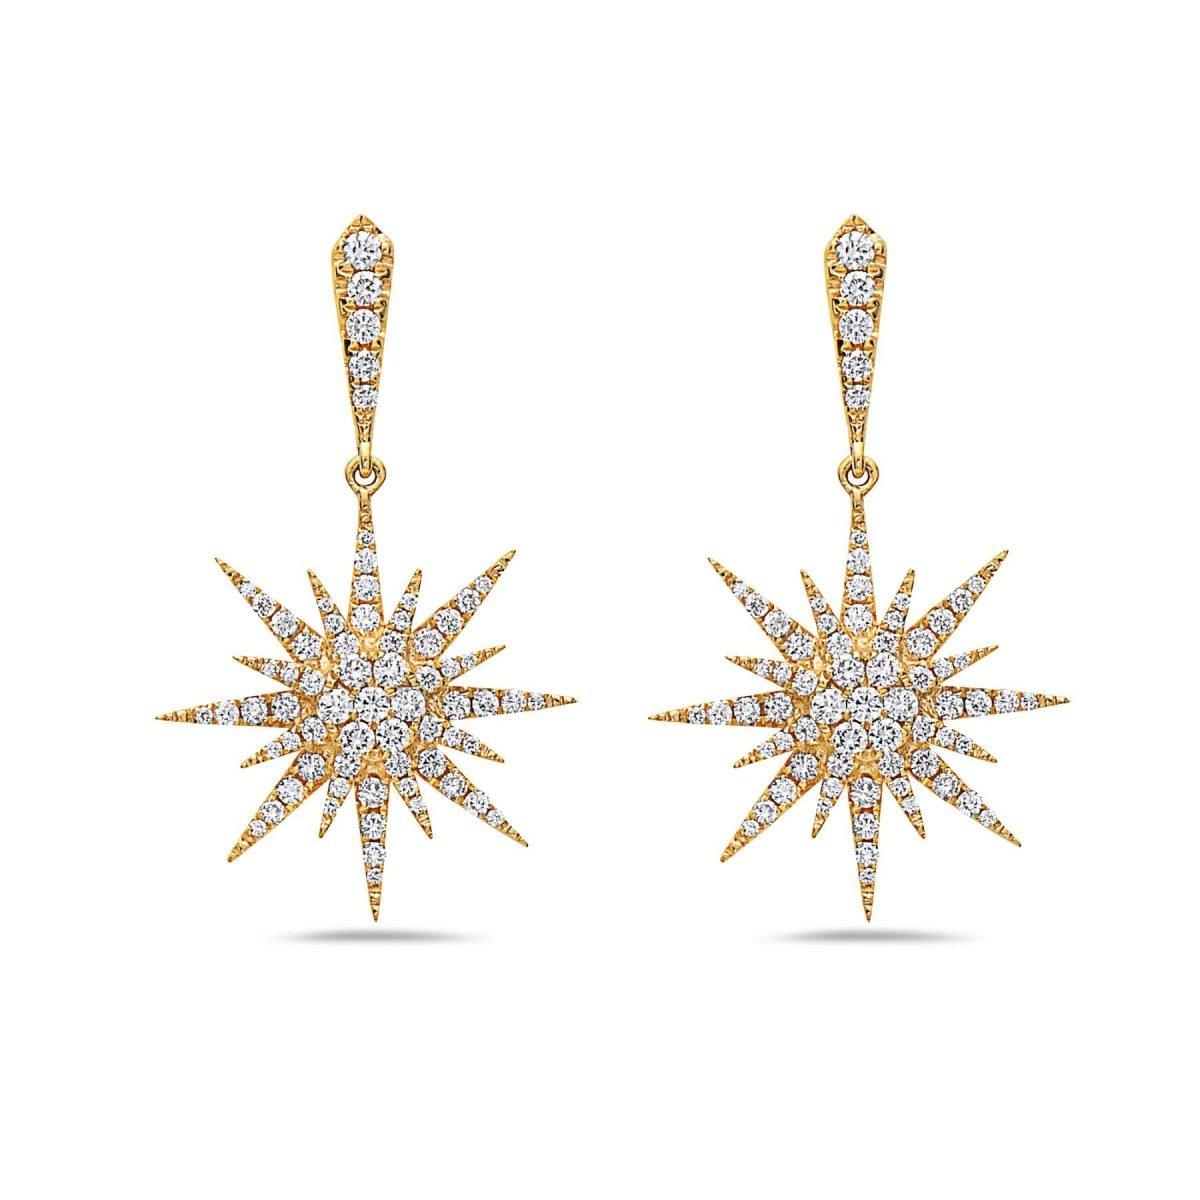 DIAMOND STARBURST EARRINGS